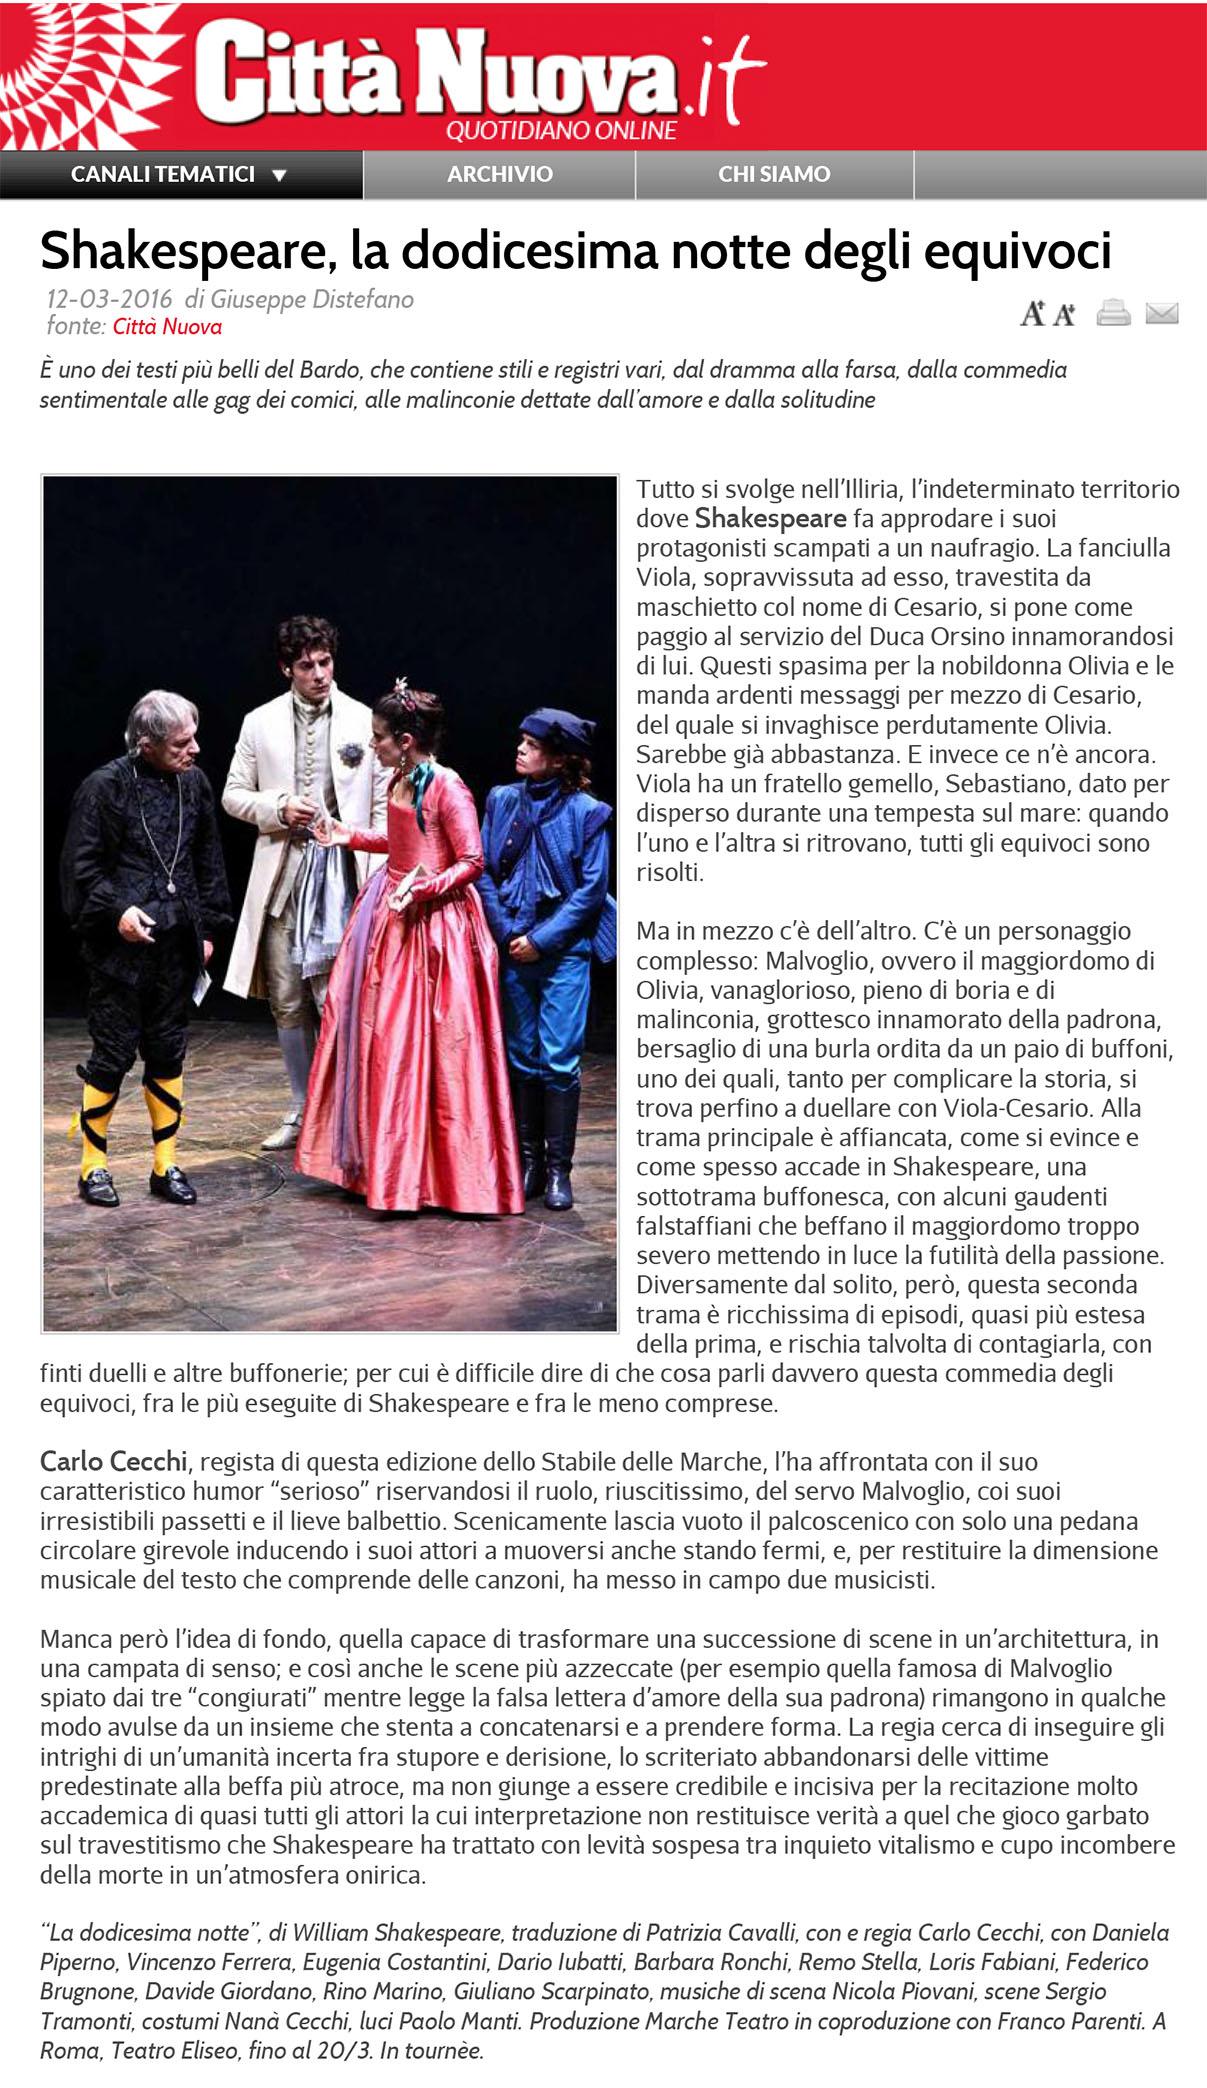 2016.03.12 Shakespeare, la dodicesima notte degli equivoci - cittanuova.it